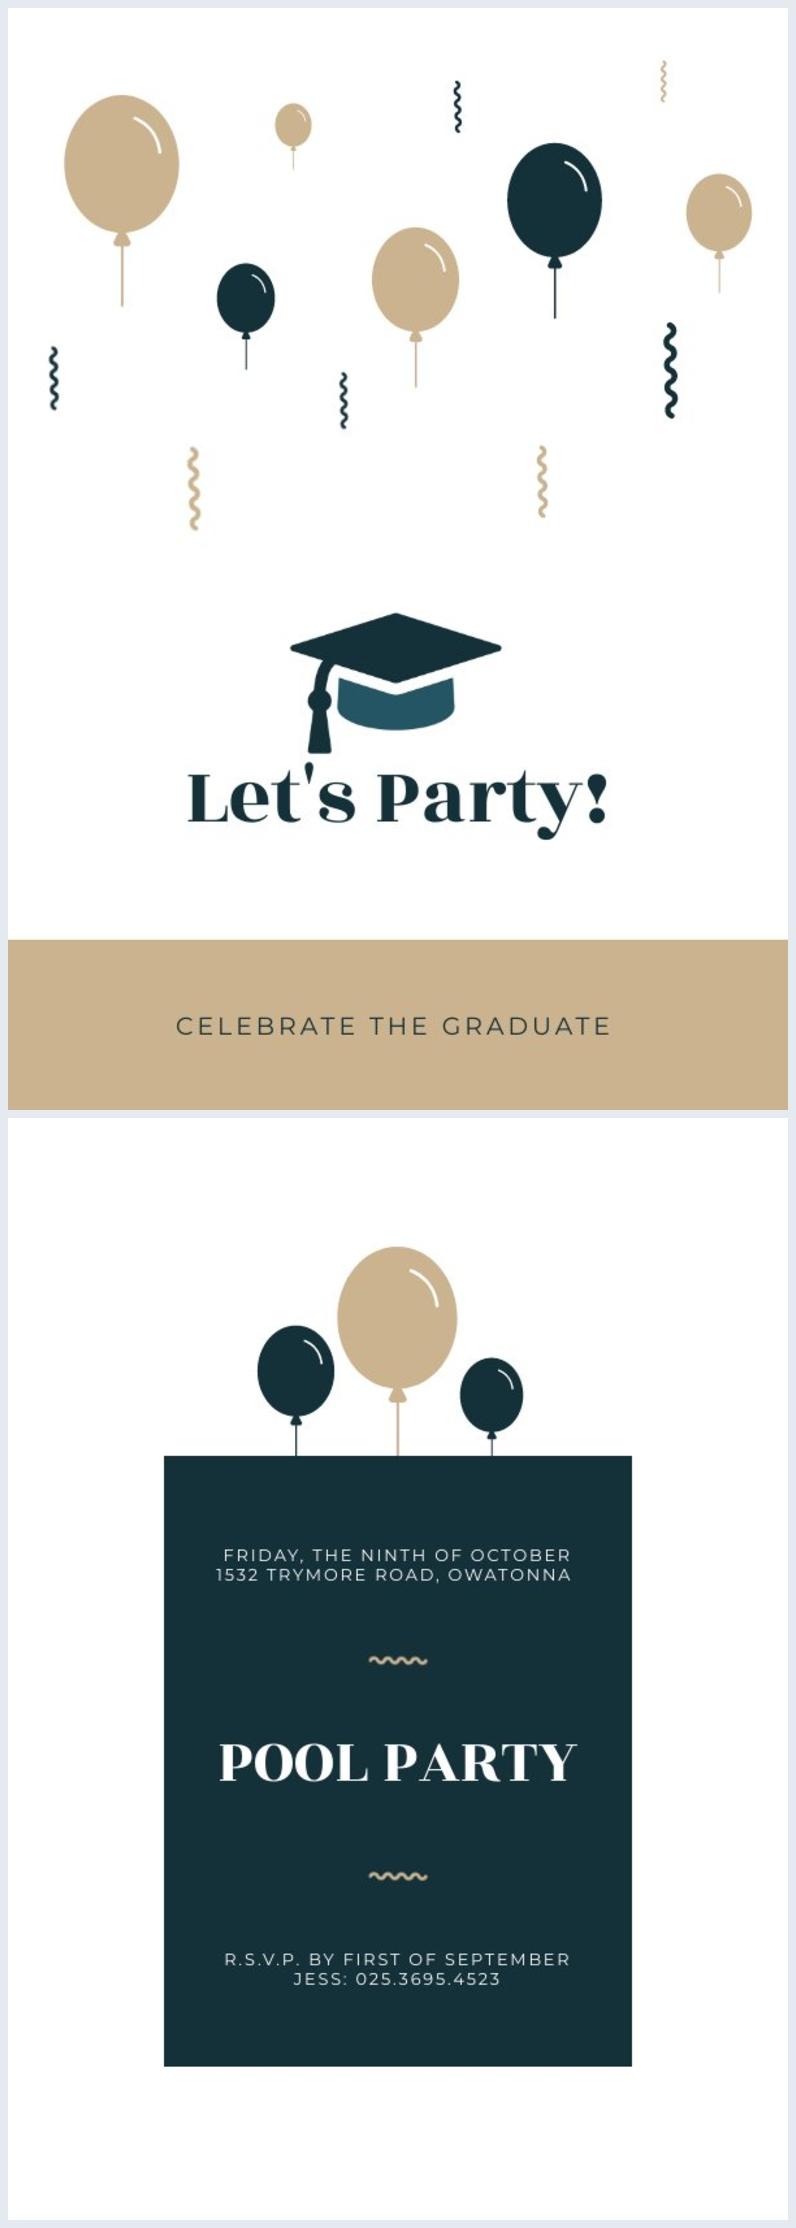 Ejemplo de diseño de plantilla para invitación a fiesta de graduación